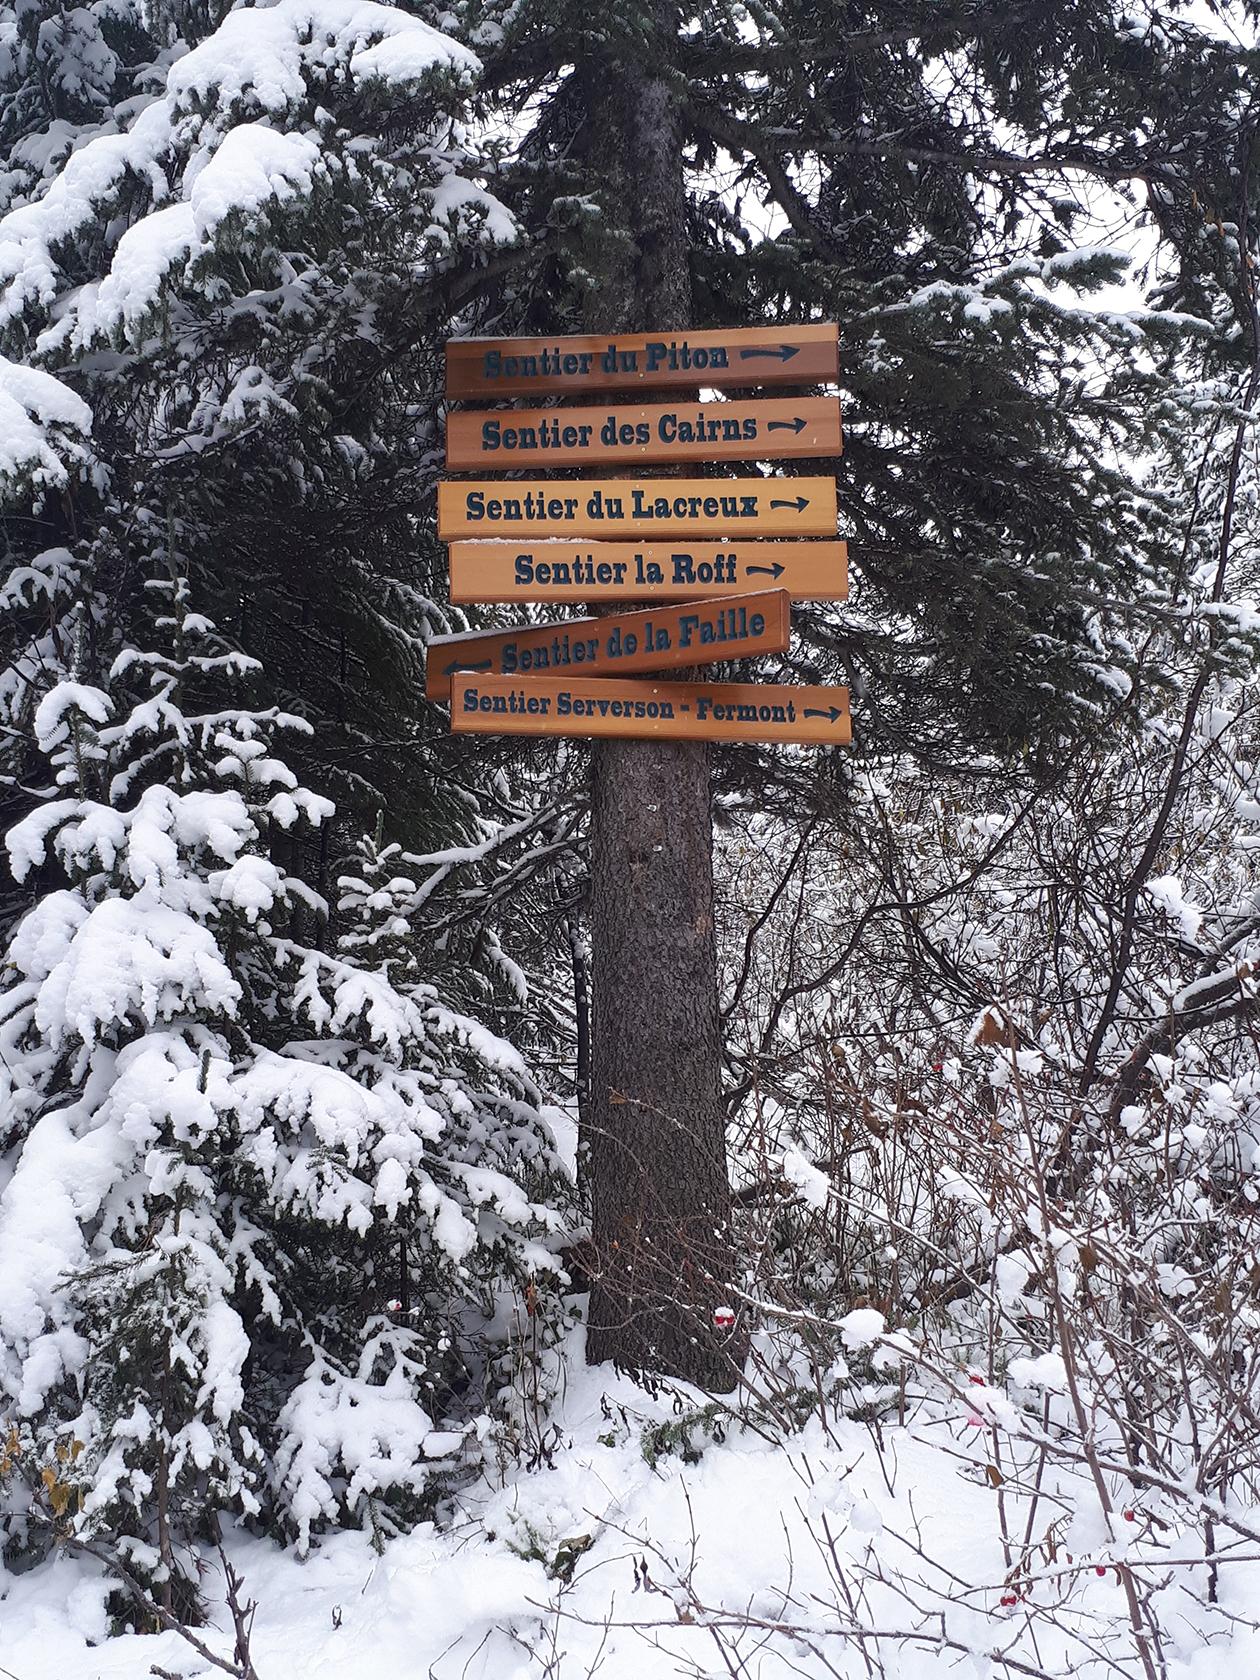 Pancarte, bois, cèdre, grave, signalisation parc